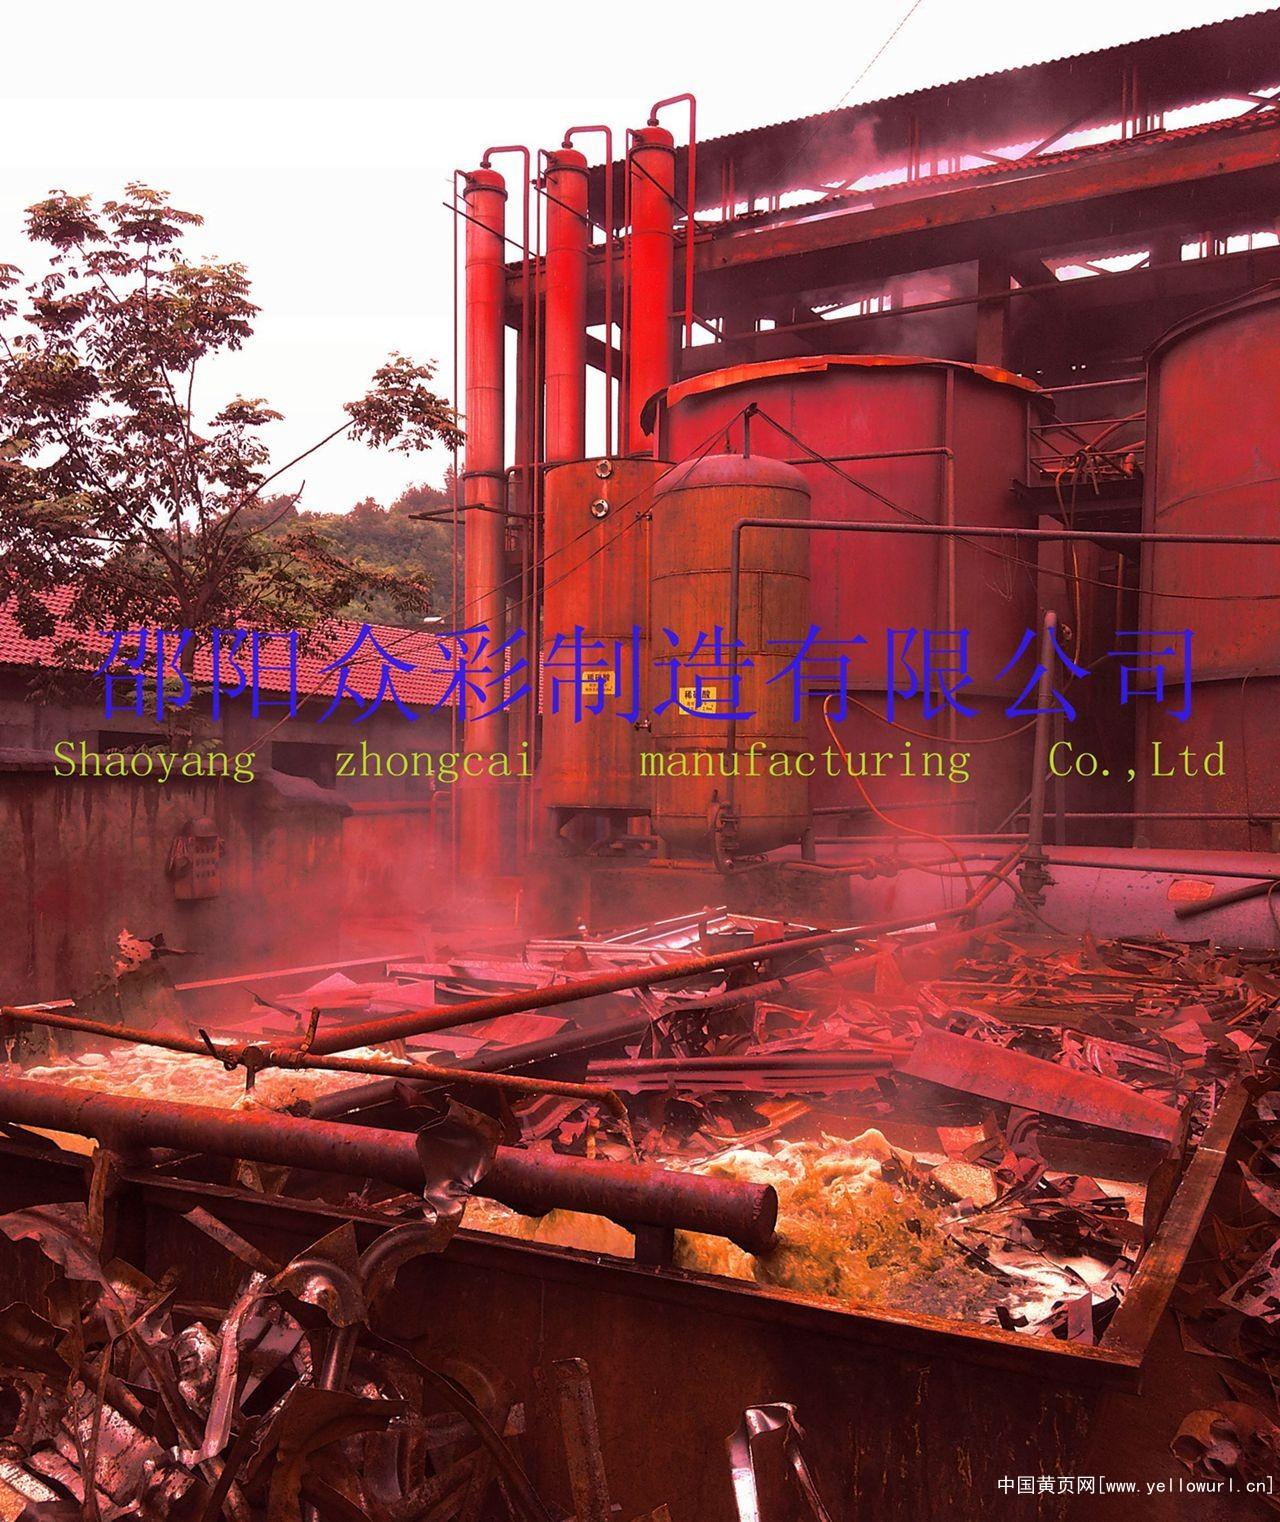 供应众彩着色高新众彩牌国标纯化学合成法氧化铁红